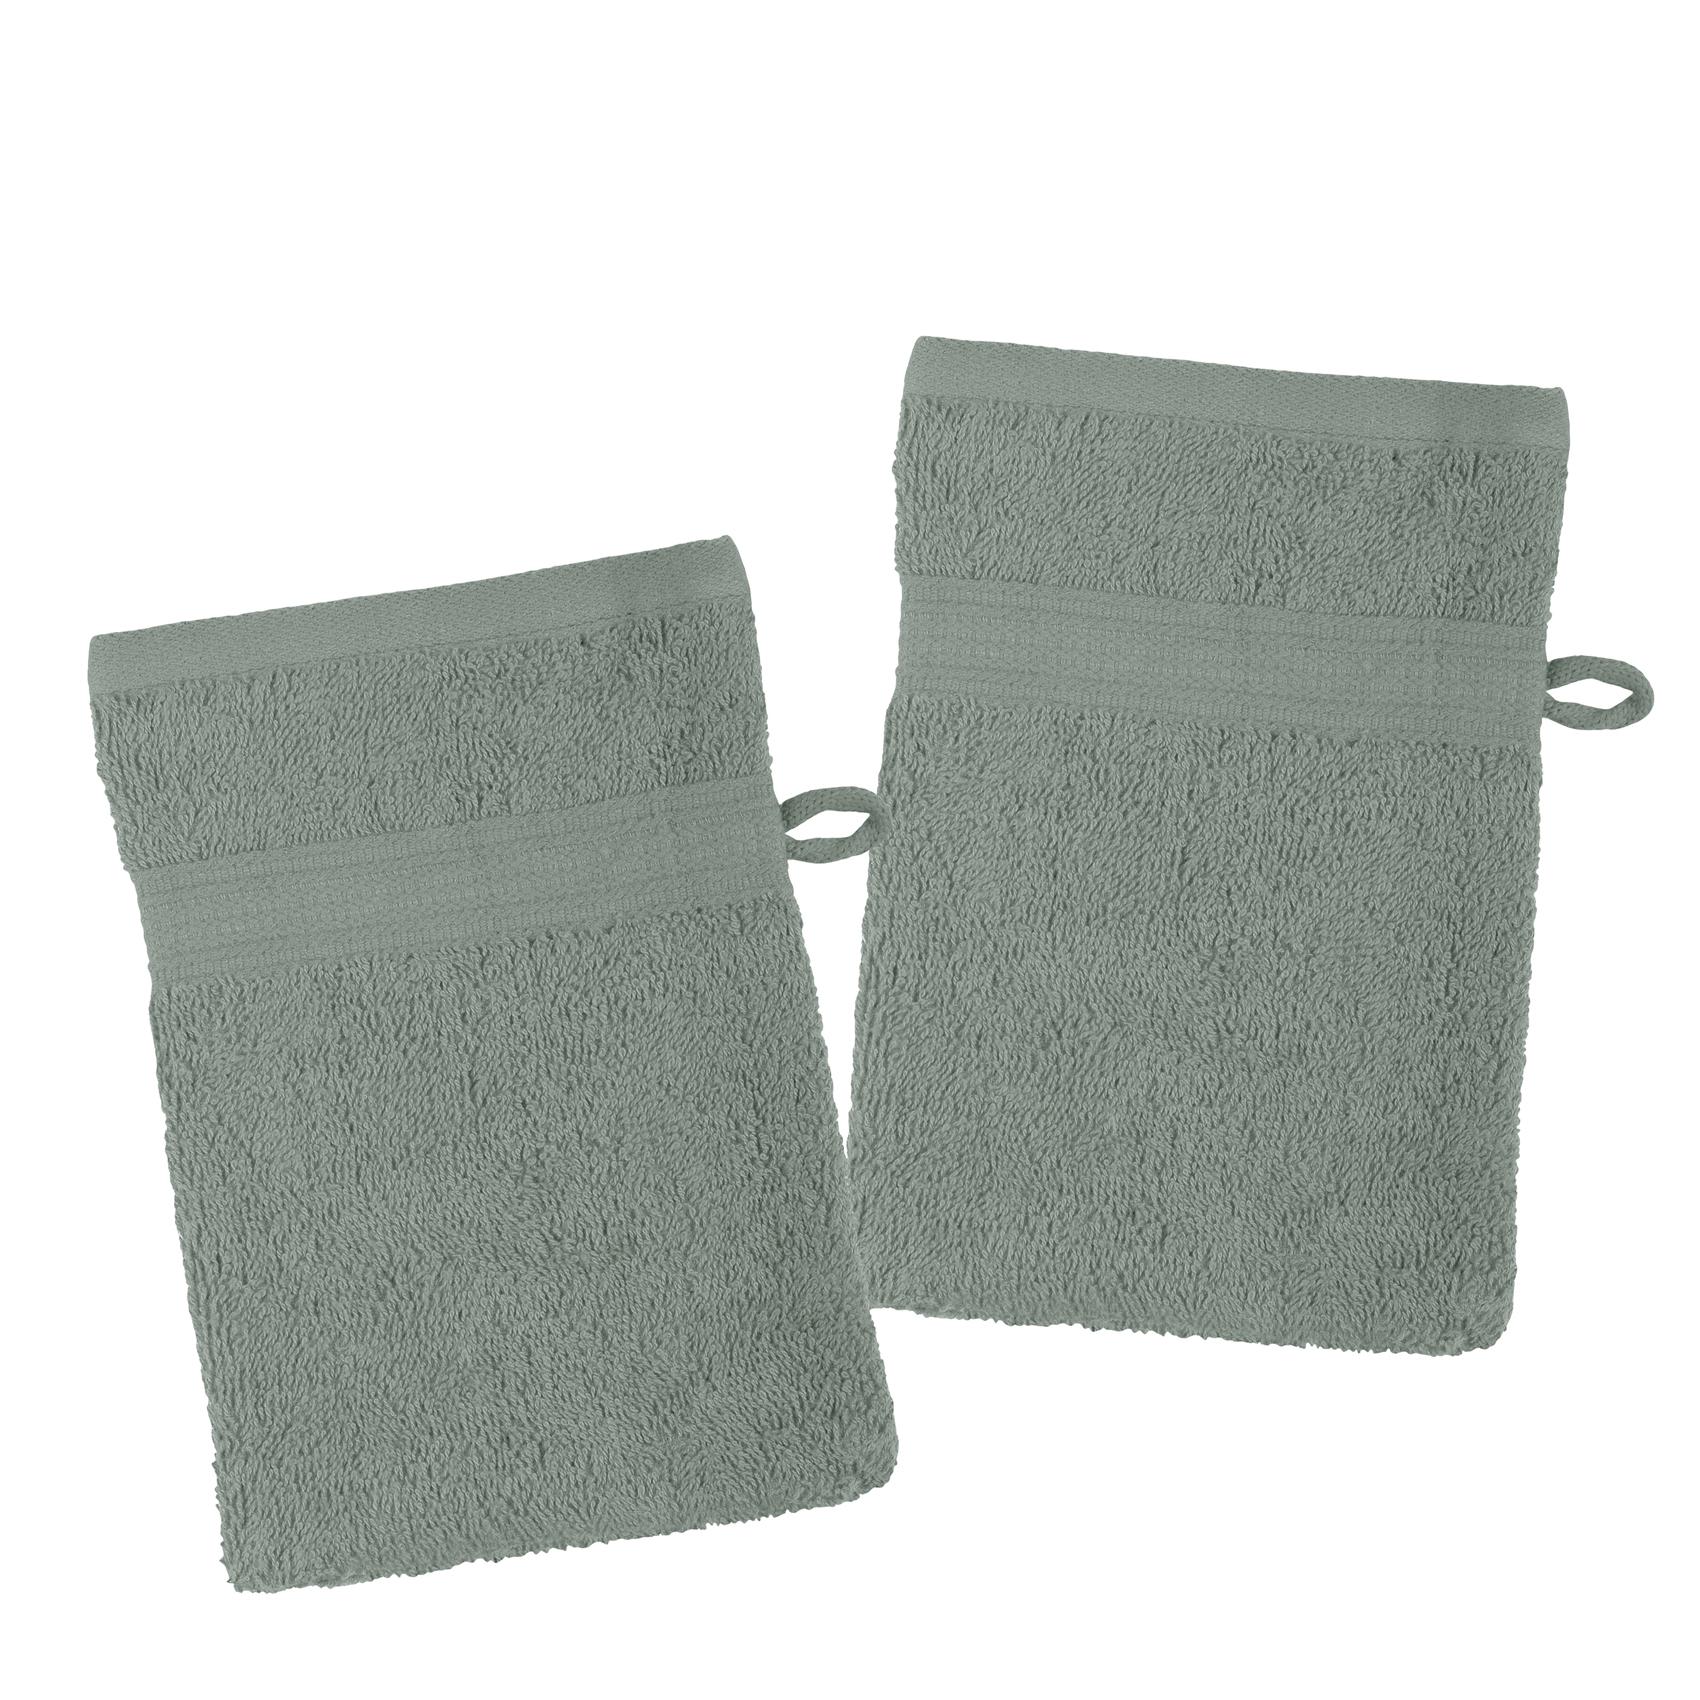 Lot de 2 gants de toilette en coton bio coton lichen 21x15